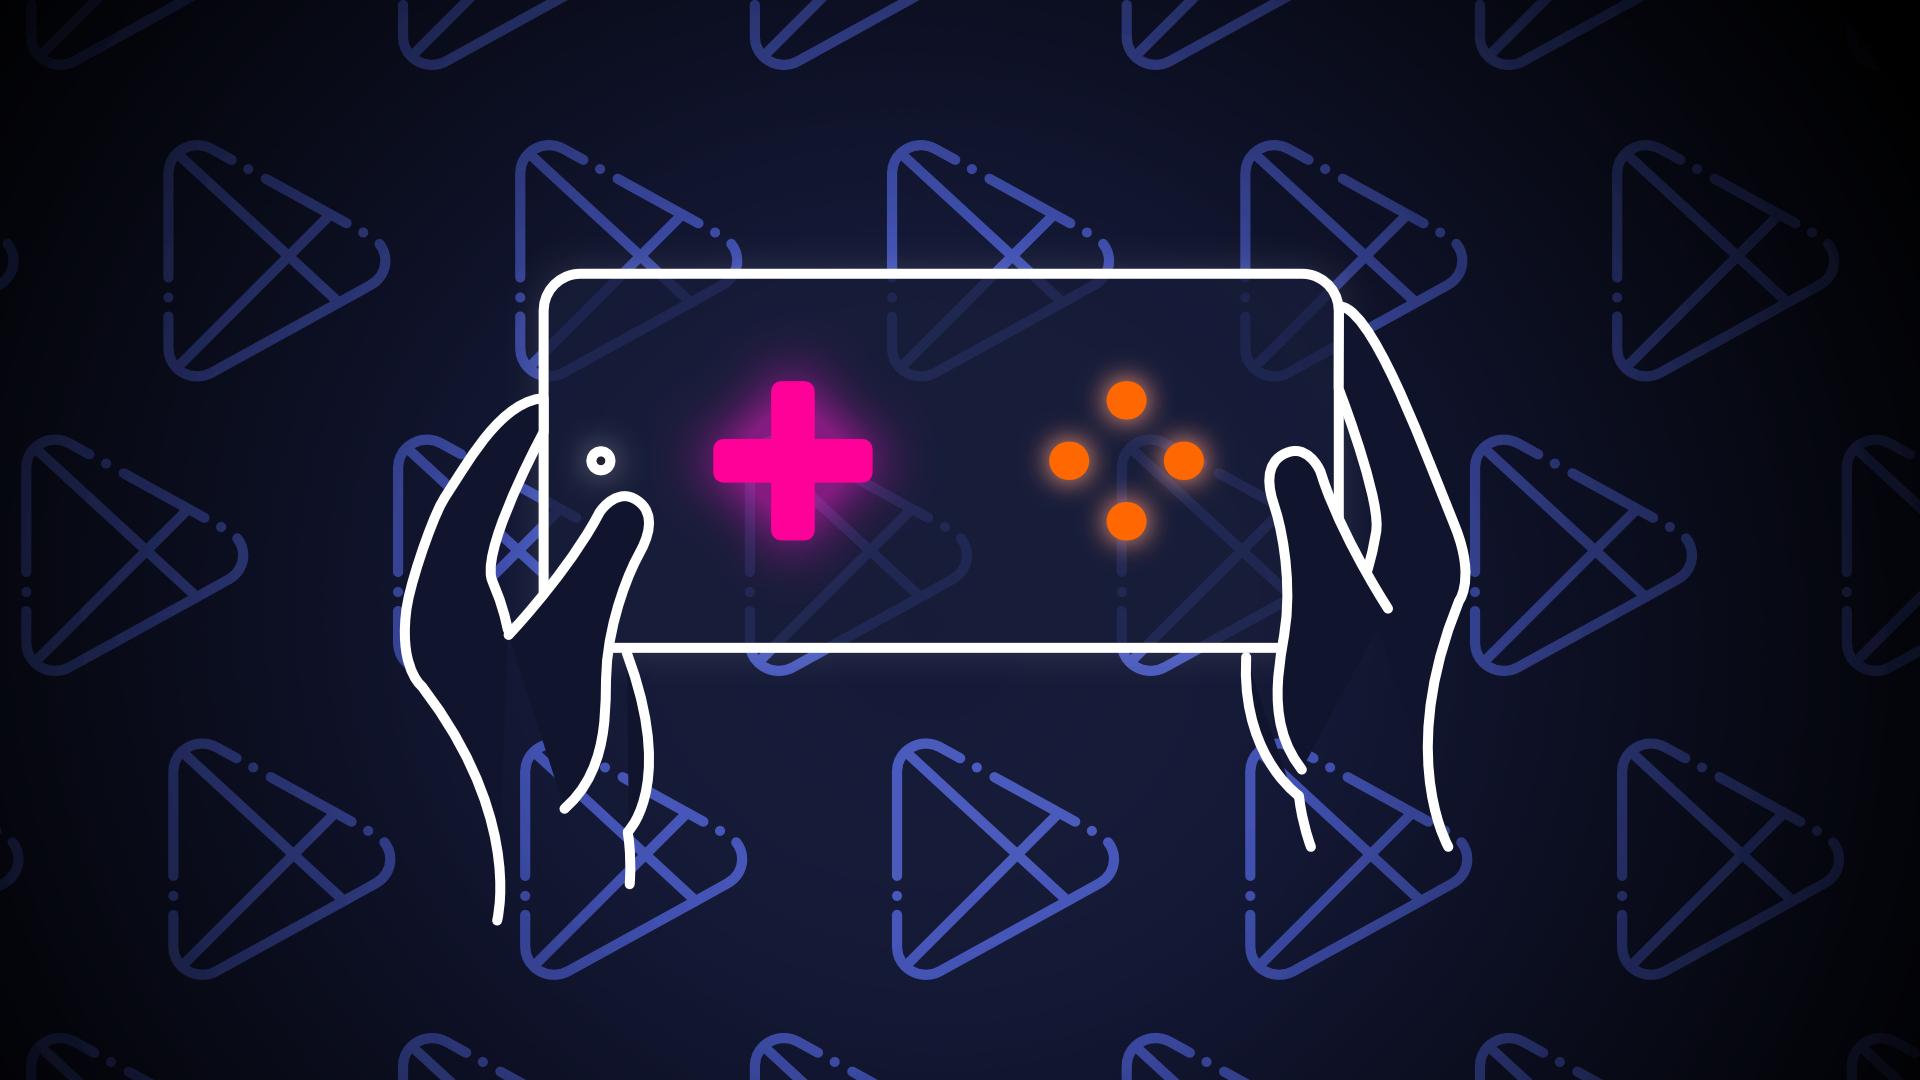 Les Meilleurs Jeux Android Payants De 2020 tout Jeux 5 Ans Gratuit Français